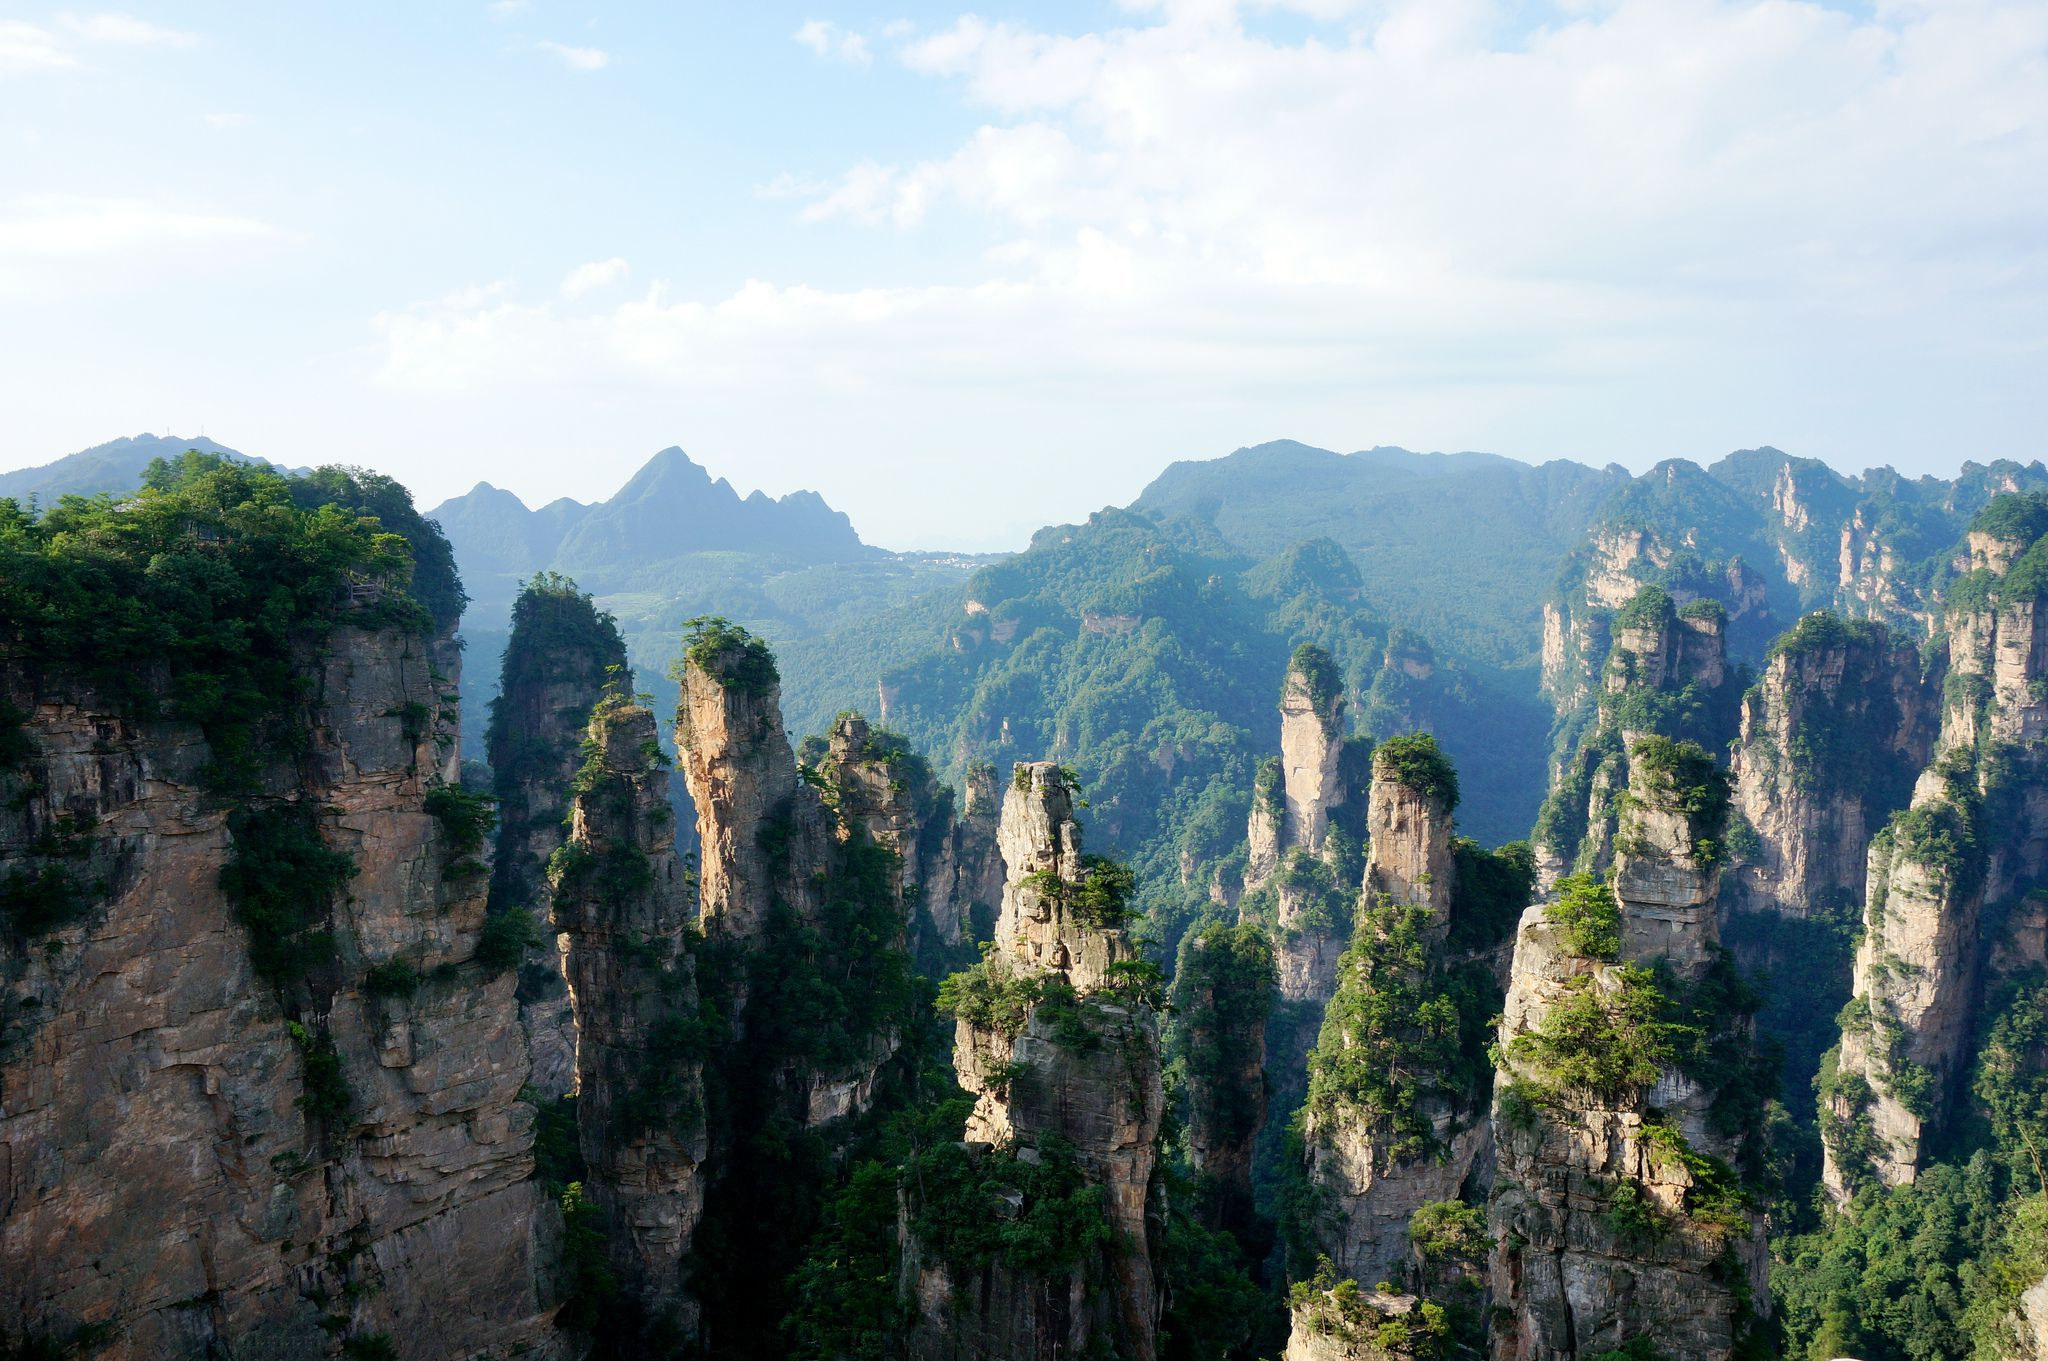 نمایی فوق العاده از پارک ملی Zhangjiajie در چین + ویدیو